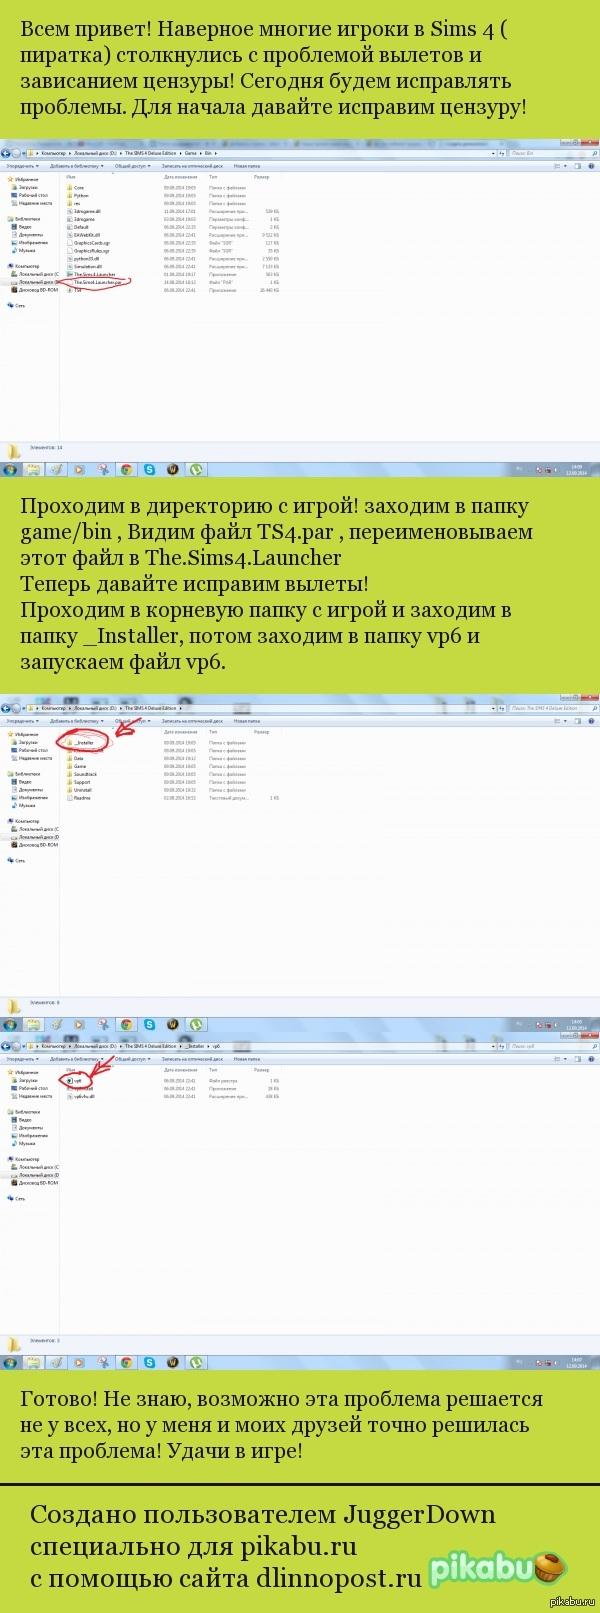 Как исправить вылеты в Sims 4 Исправляем вылеты и цензуру в Sims 4